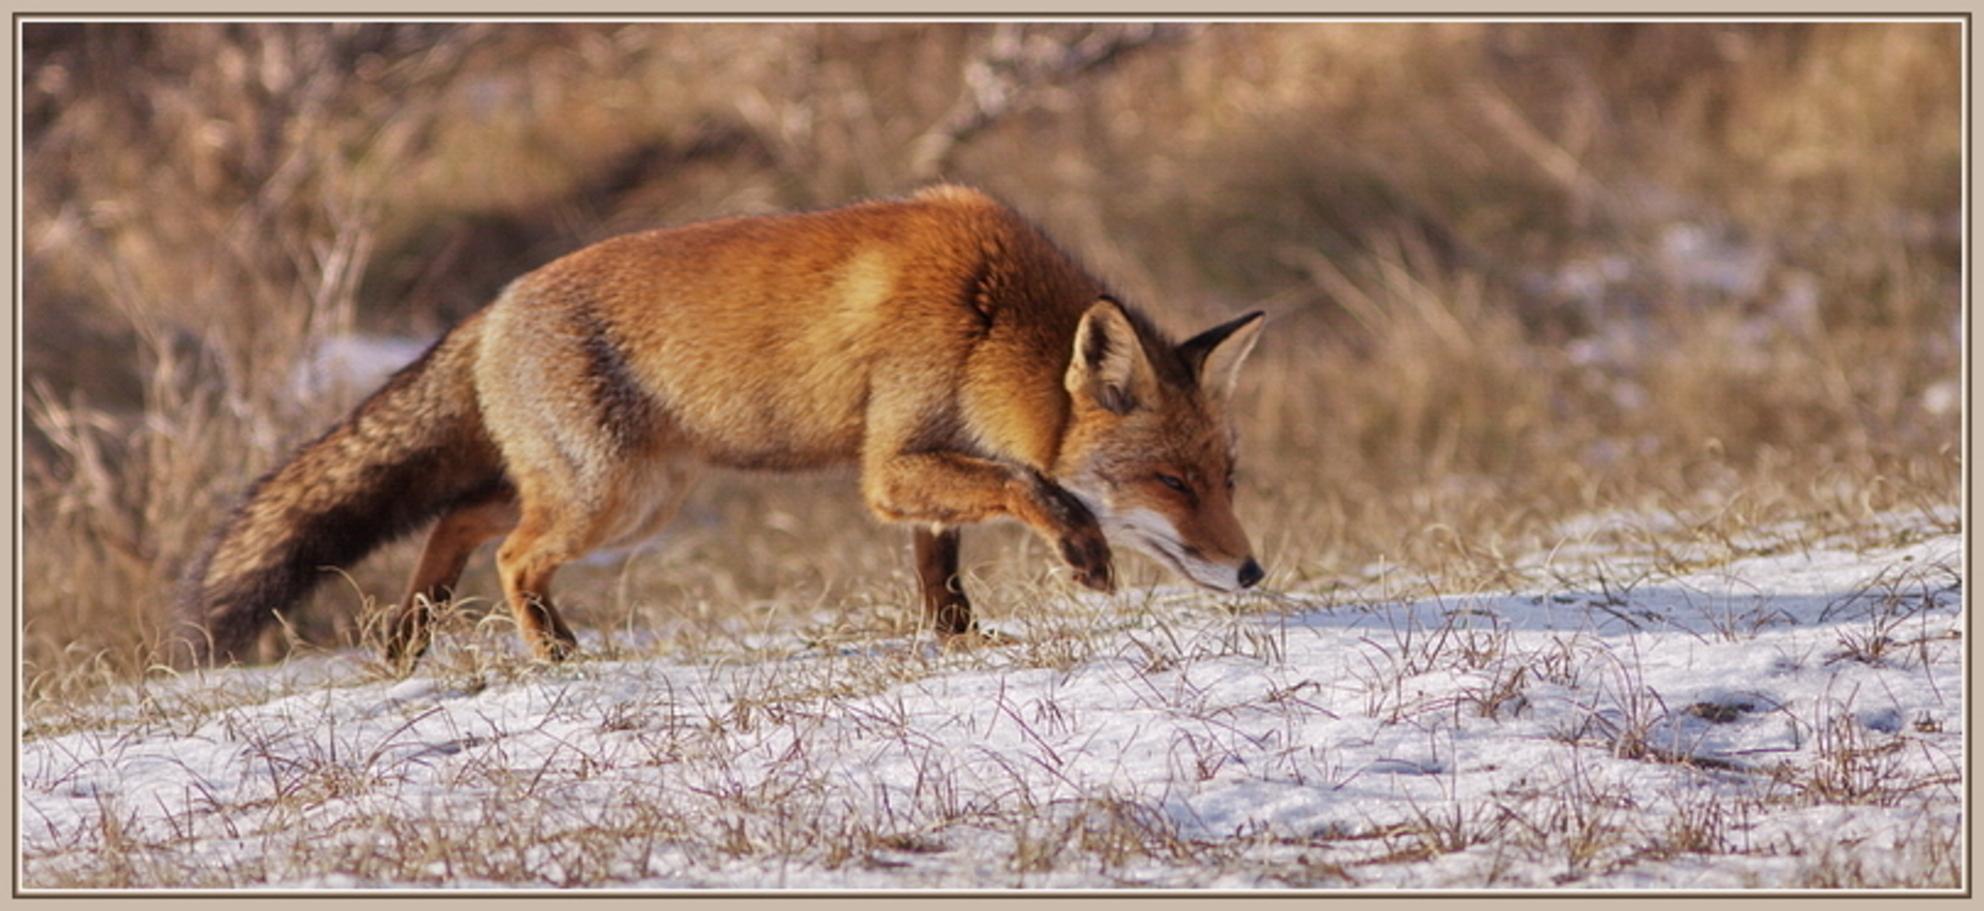 Sluipend, op zoek naar prooi - Vossen kunnen zo mooi sluipen. Op zoek naar hun prooi. Die blik in hun ogen; op oneindig. - foto door agnes bax op 04-01-2010 - deze foto bevat: vos, fox, roofdier, zoogdier, sluipen, Vulpes vulpes